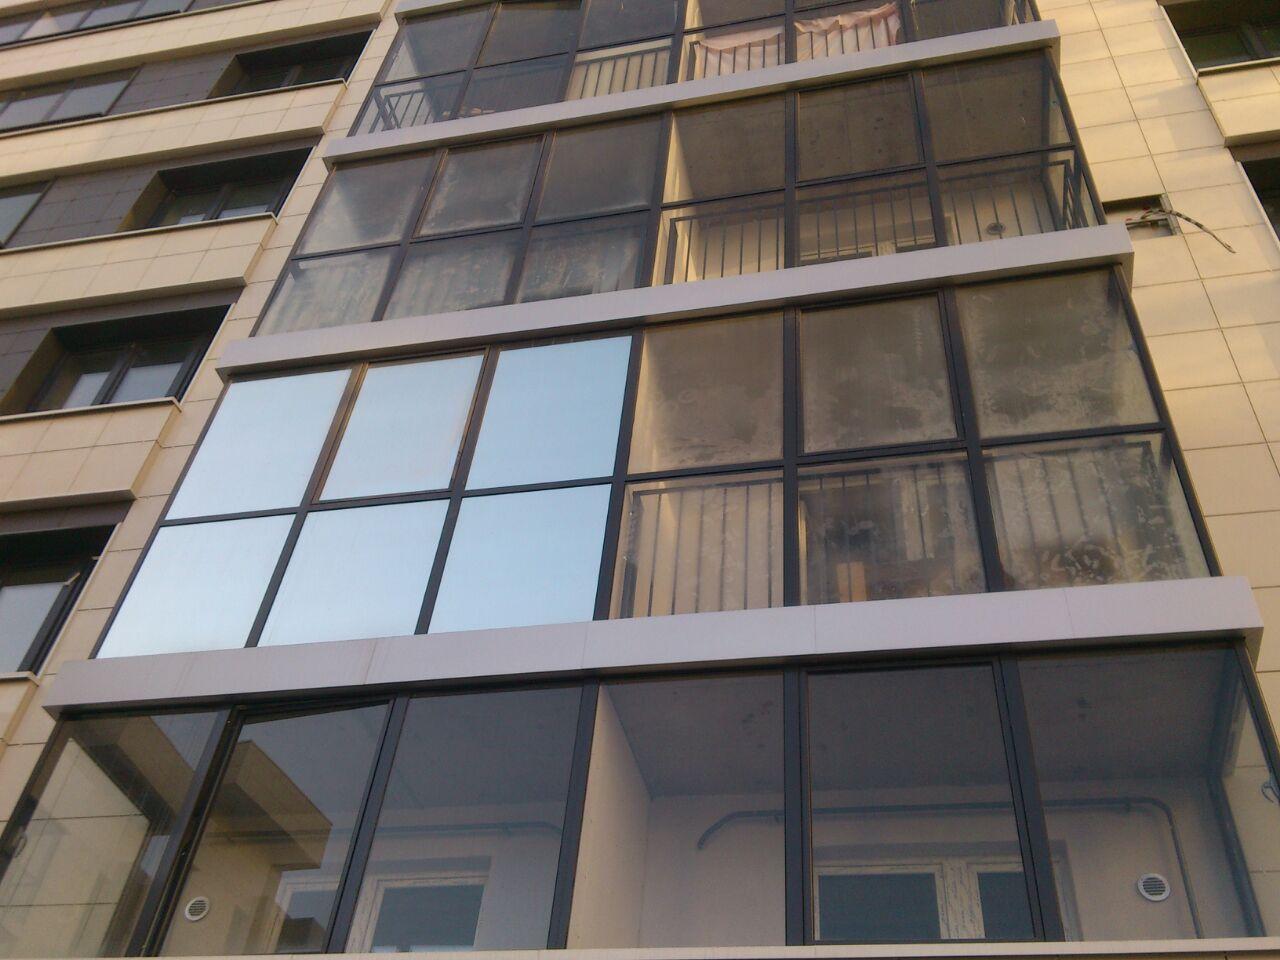 Тонировка стекол балконов - март 2015.